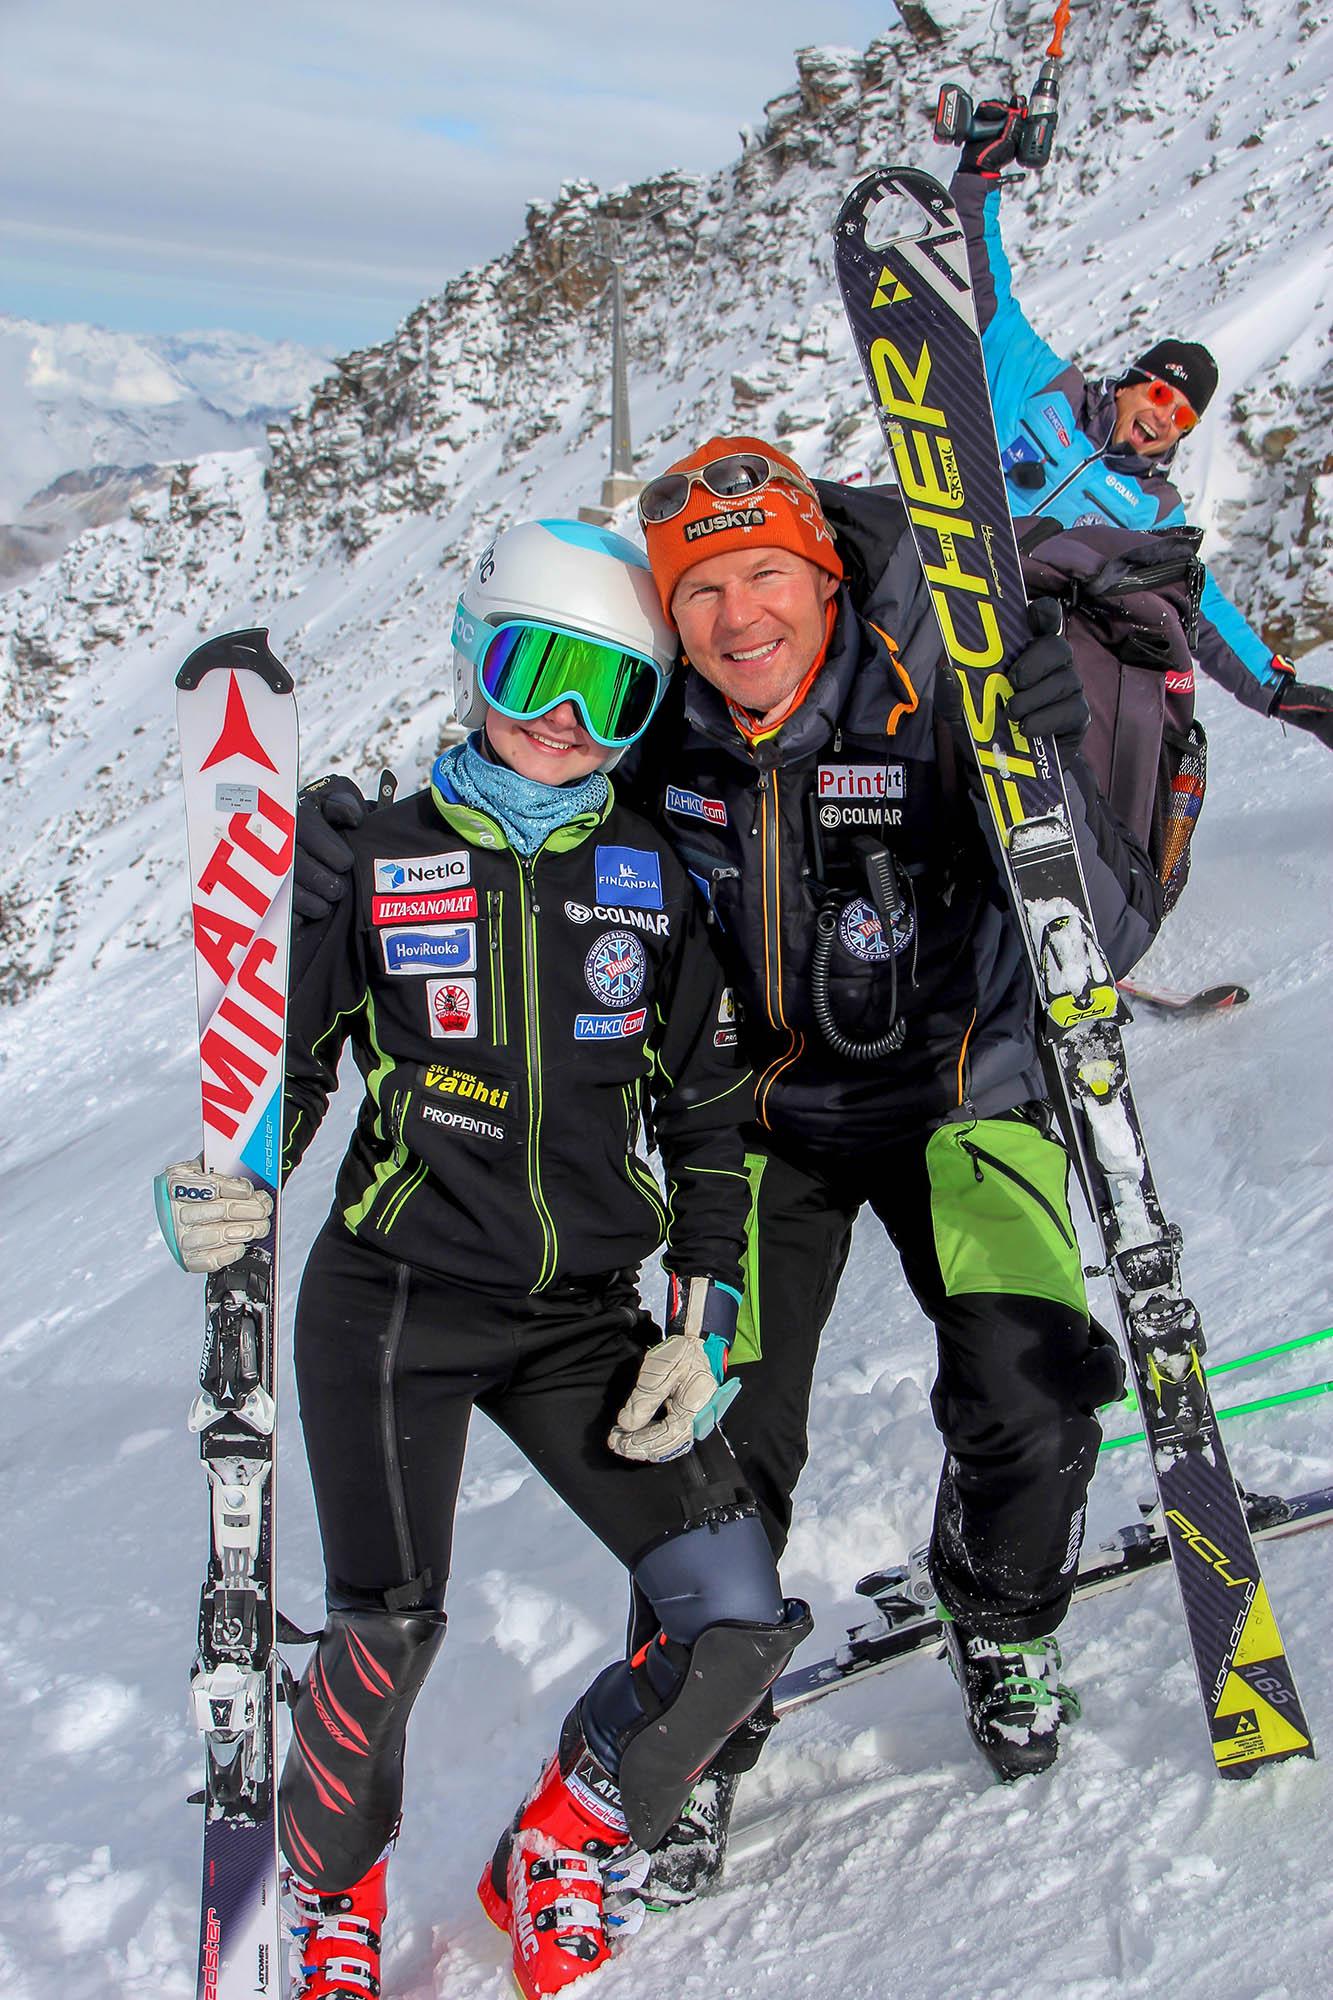 Tuuletuksia Hintertuxissa, Tessa Backman ja Tahkon alppikoulun valmentaja Janne Partanen, takana päävalmentaja Davor Lazeta. Kuva Veli-Matti Kuusela.